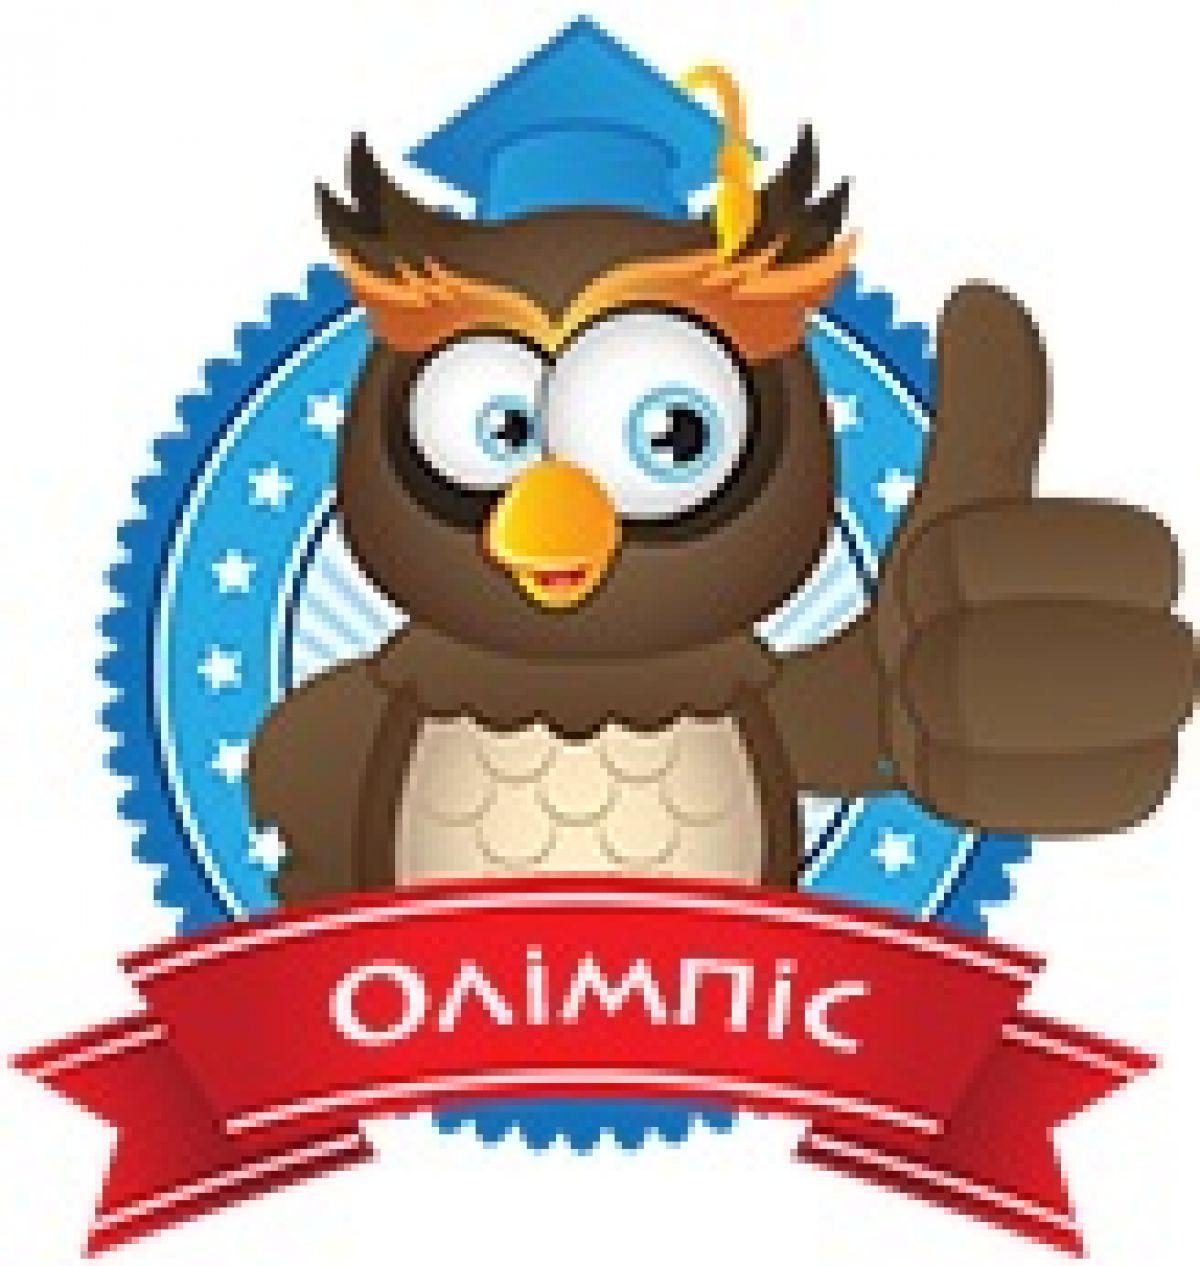 Картинки по запросу картинка олімпіс